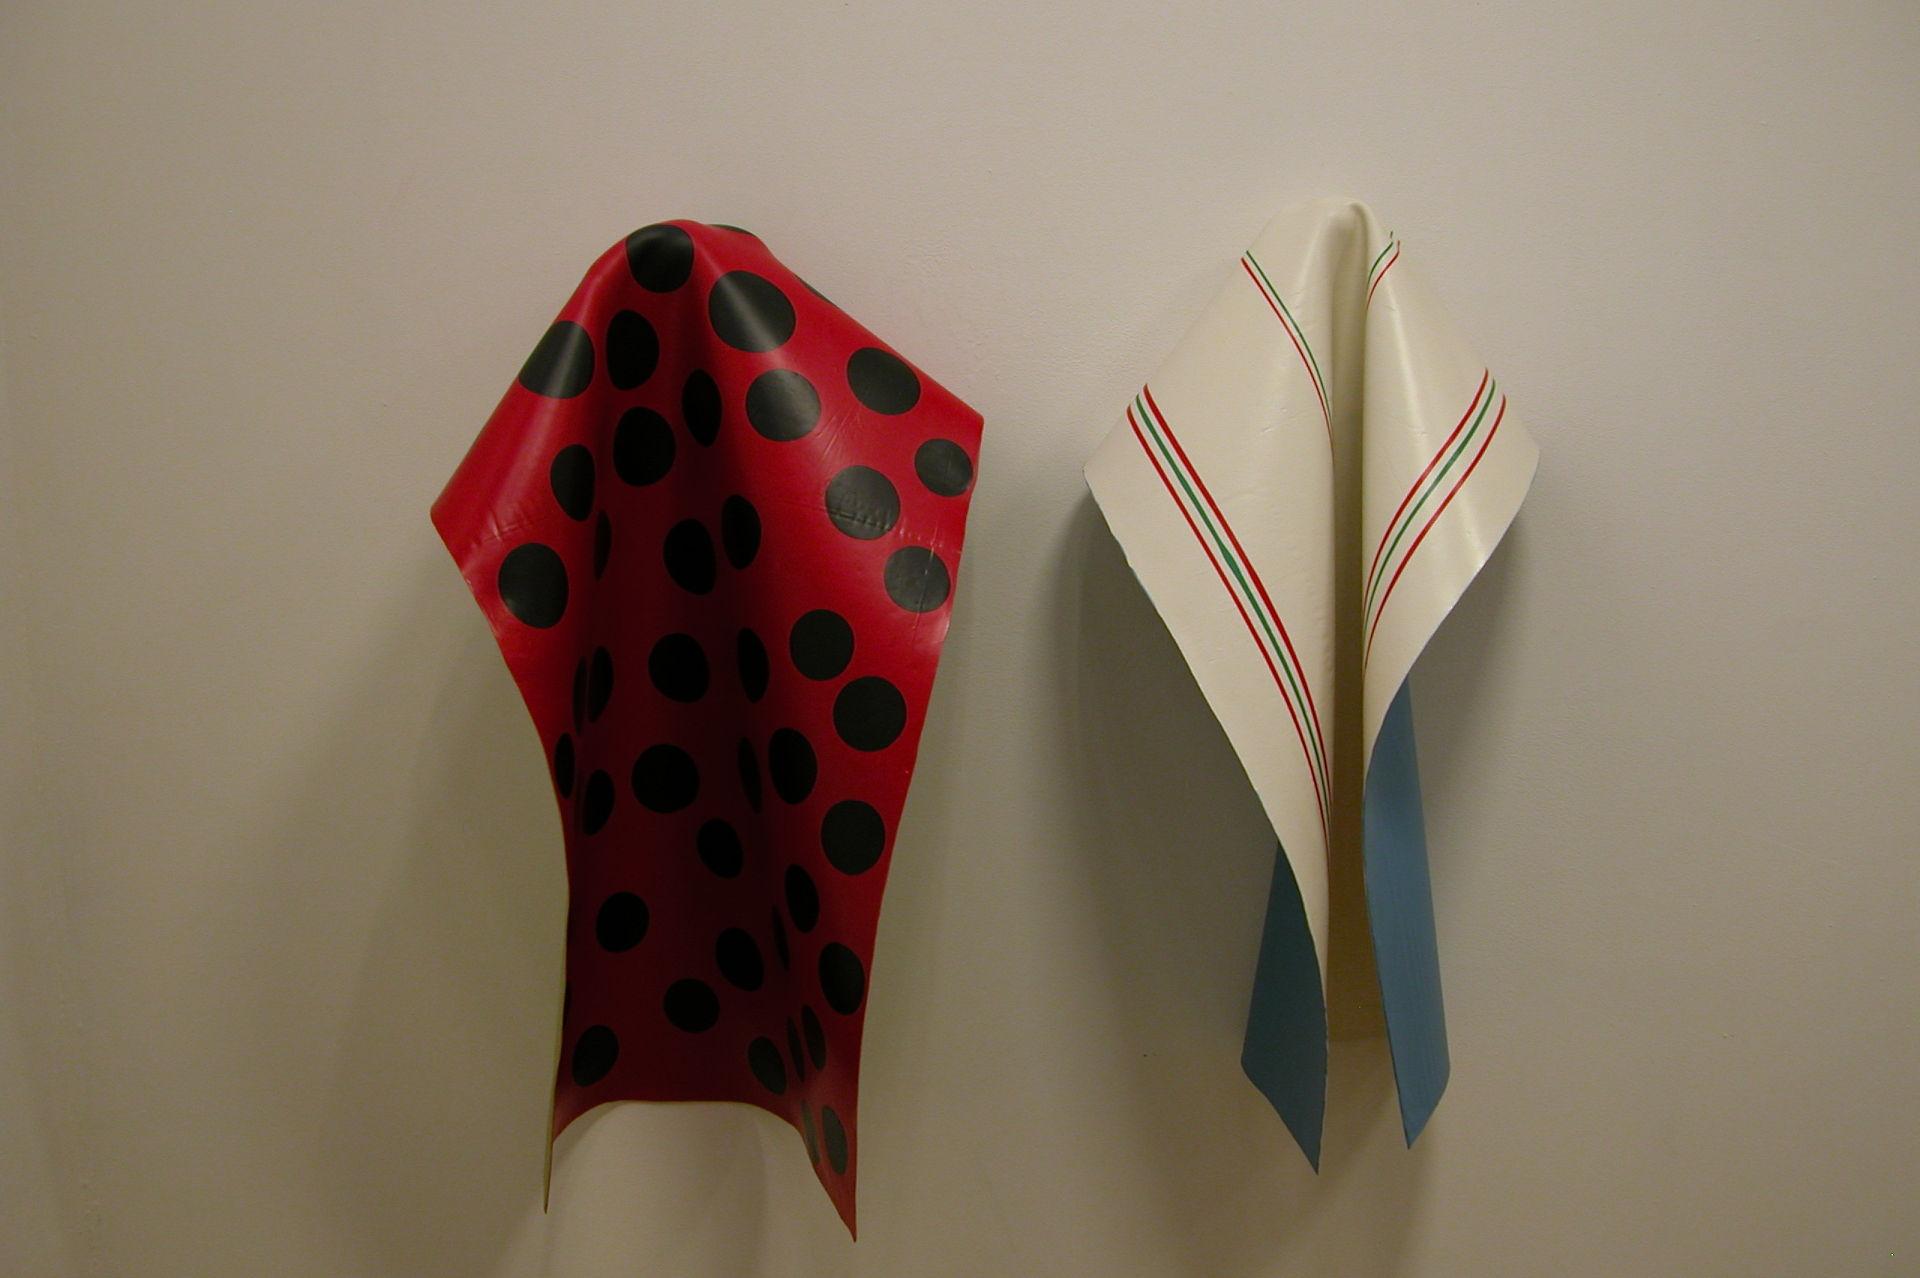 Laurence Papouin, Peintures suspendues, peinture acrylique, 2004